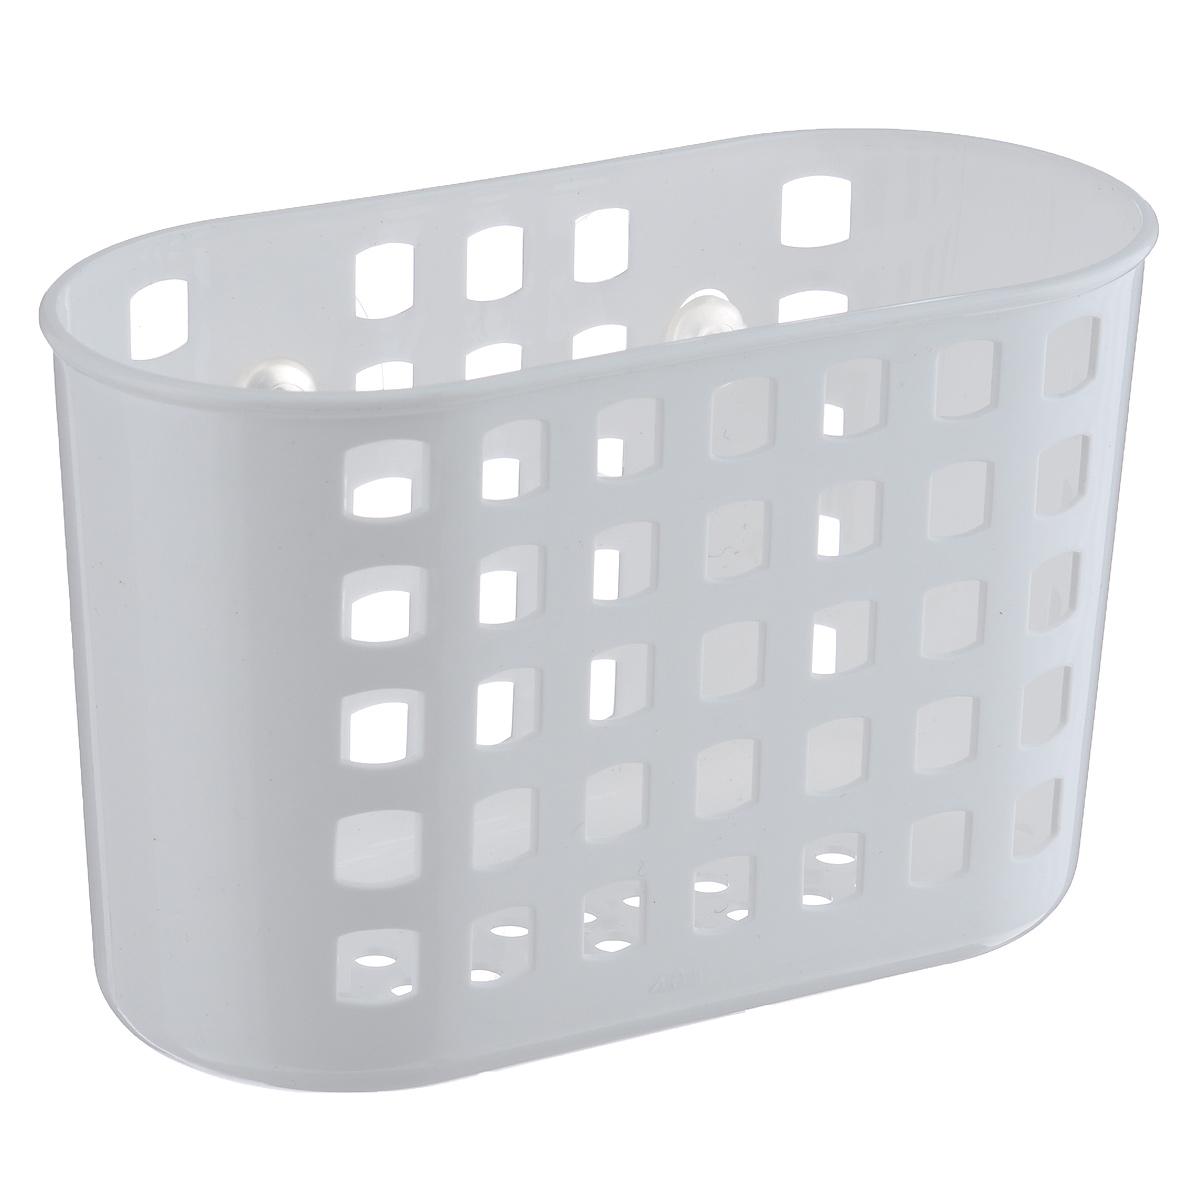 Контейнер навесной Полимербыт, на присосках, цвет: белый, 18,5 см х 11,5 см х 8 см1004900000360Контейнер Полимербыт будет полезным аксессуаром в любой ванной комнате или на кухне. Надежные присоски удерживают контейнер на гладкой поверхности, и выдерживают нагрузку до 1 кг. В таком контейнере удобно хранить различные хозяйственные вещи: бытовую химию, губки для мытья, шампуни. Благодаря перфорации на стенках и дне контейнера, вода, которая может в него попасть с легкостью вытечет наружу.